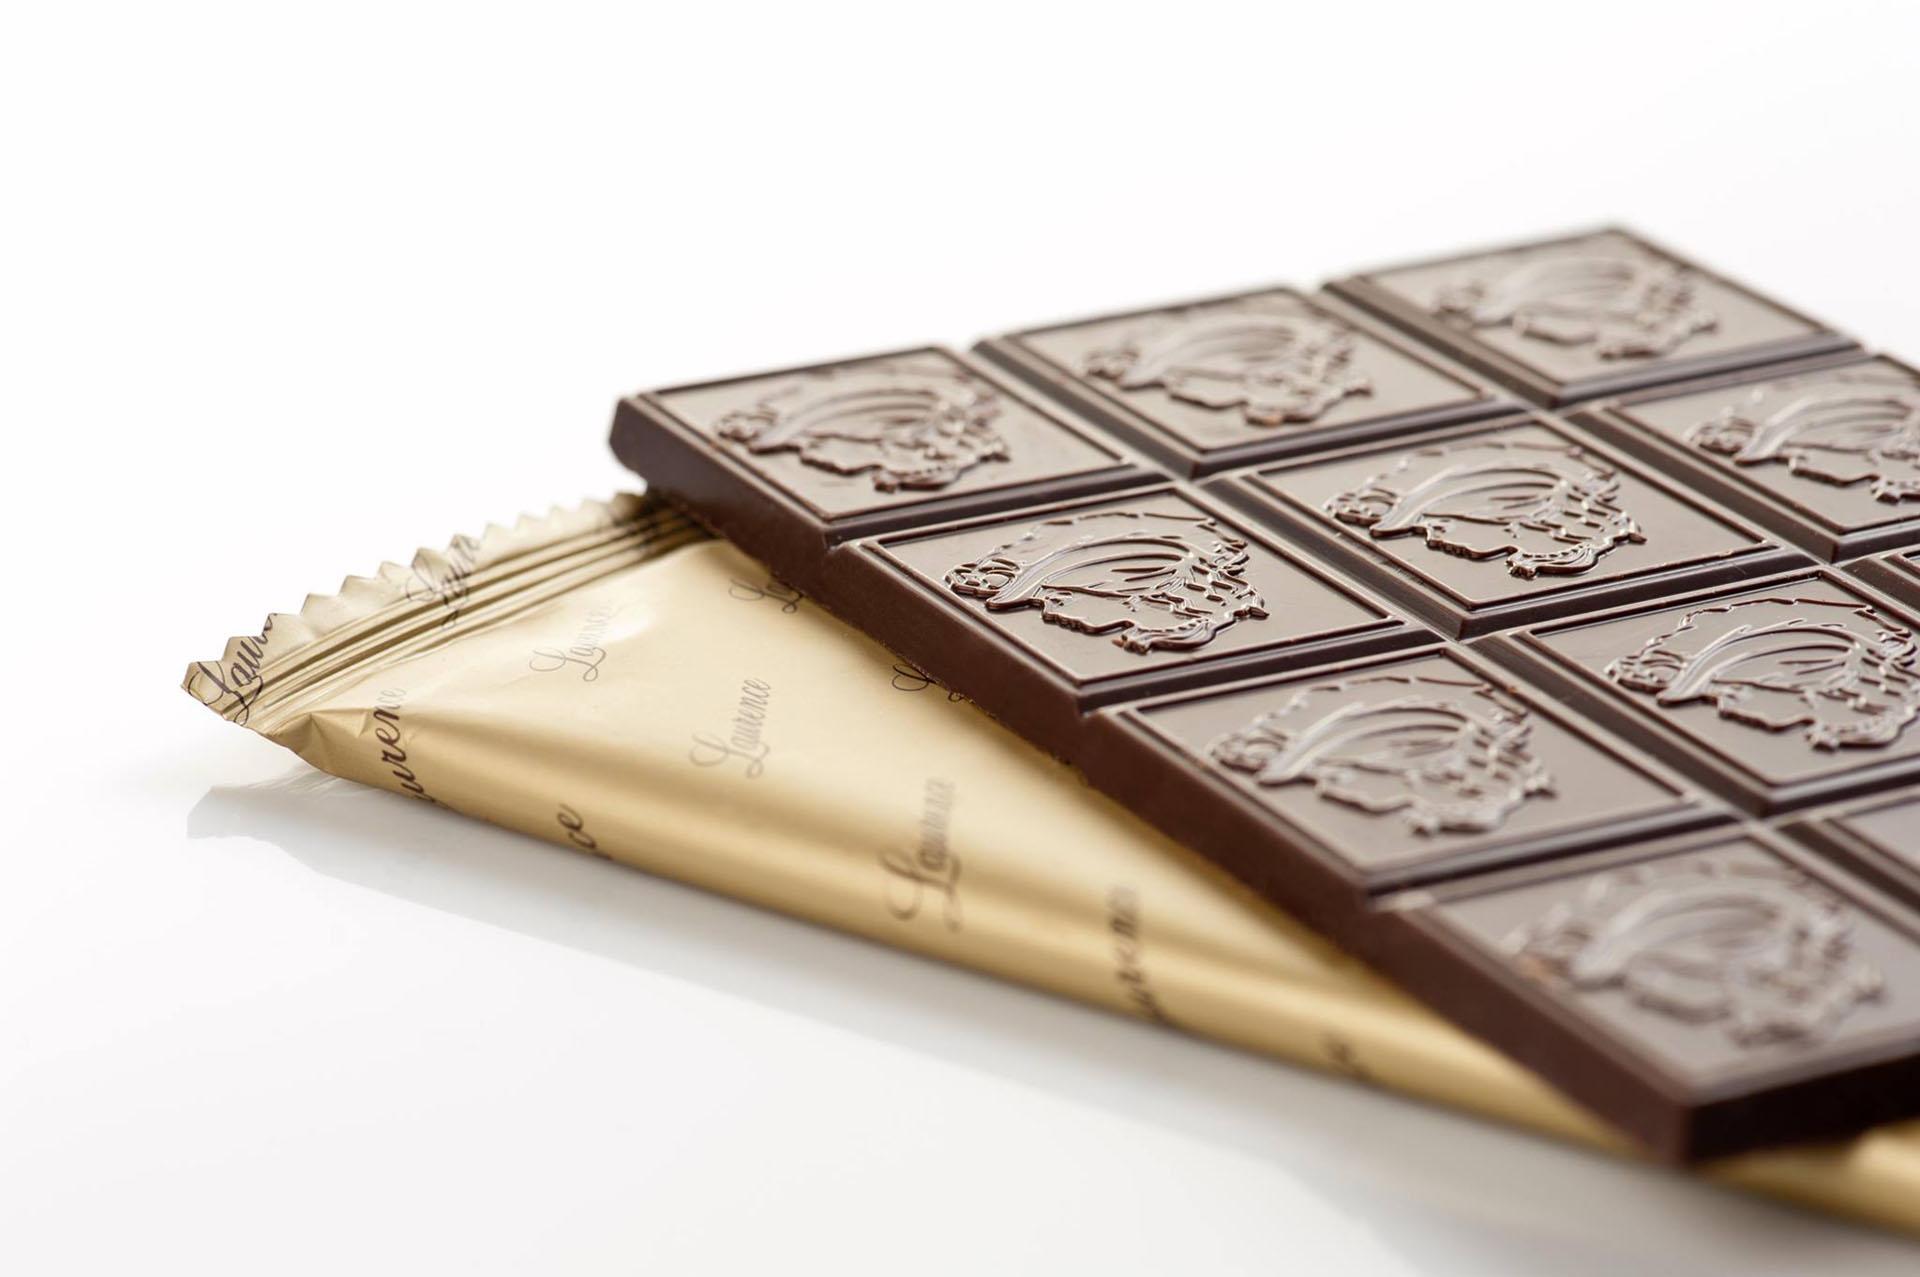 Συσκευασίες Premium Handmade σοκολάτας για τη Laurence